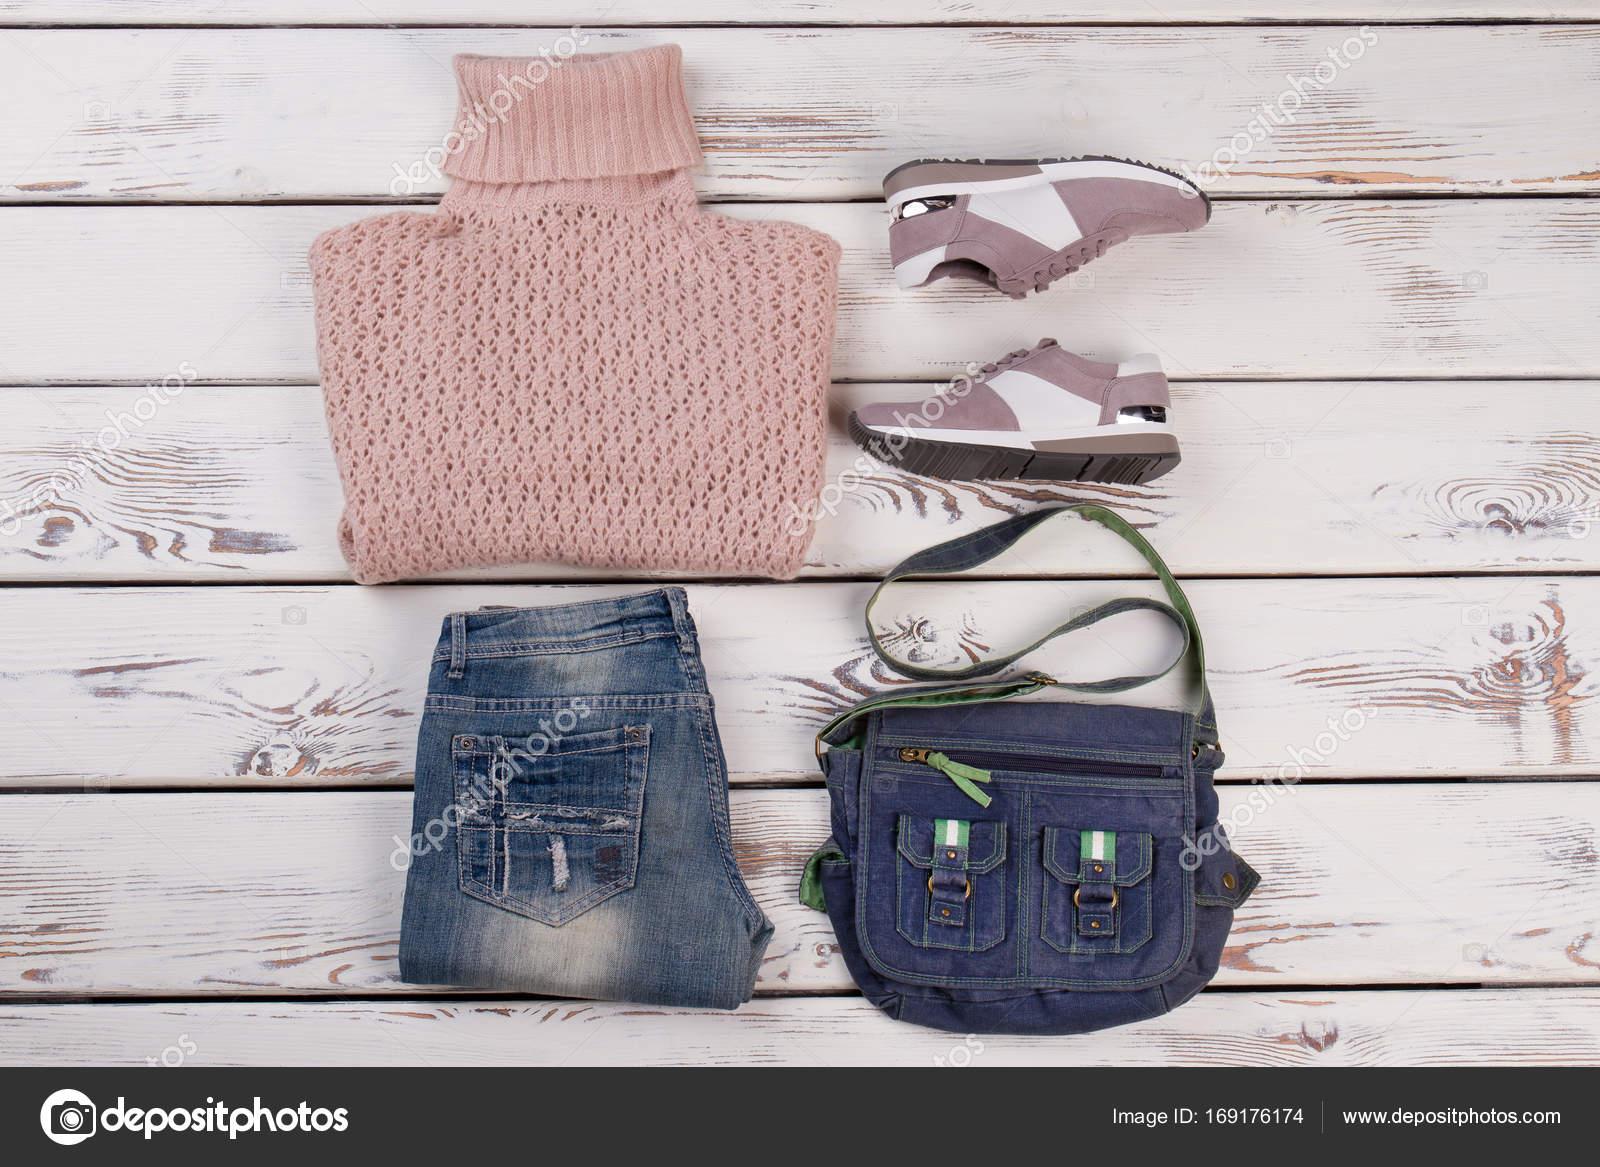 f1cb7a9c30ba Διπλωμένο ρούχα σε ρουστίκ φόντο. Συνδυασμός πλεκτά και τζιν. Είναι μοντέρνο  και να αισθάνονται άνεση — Εικόνα από margostock